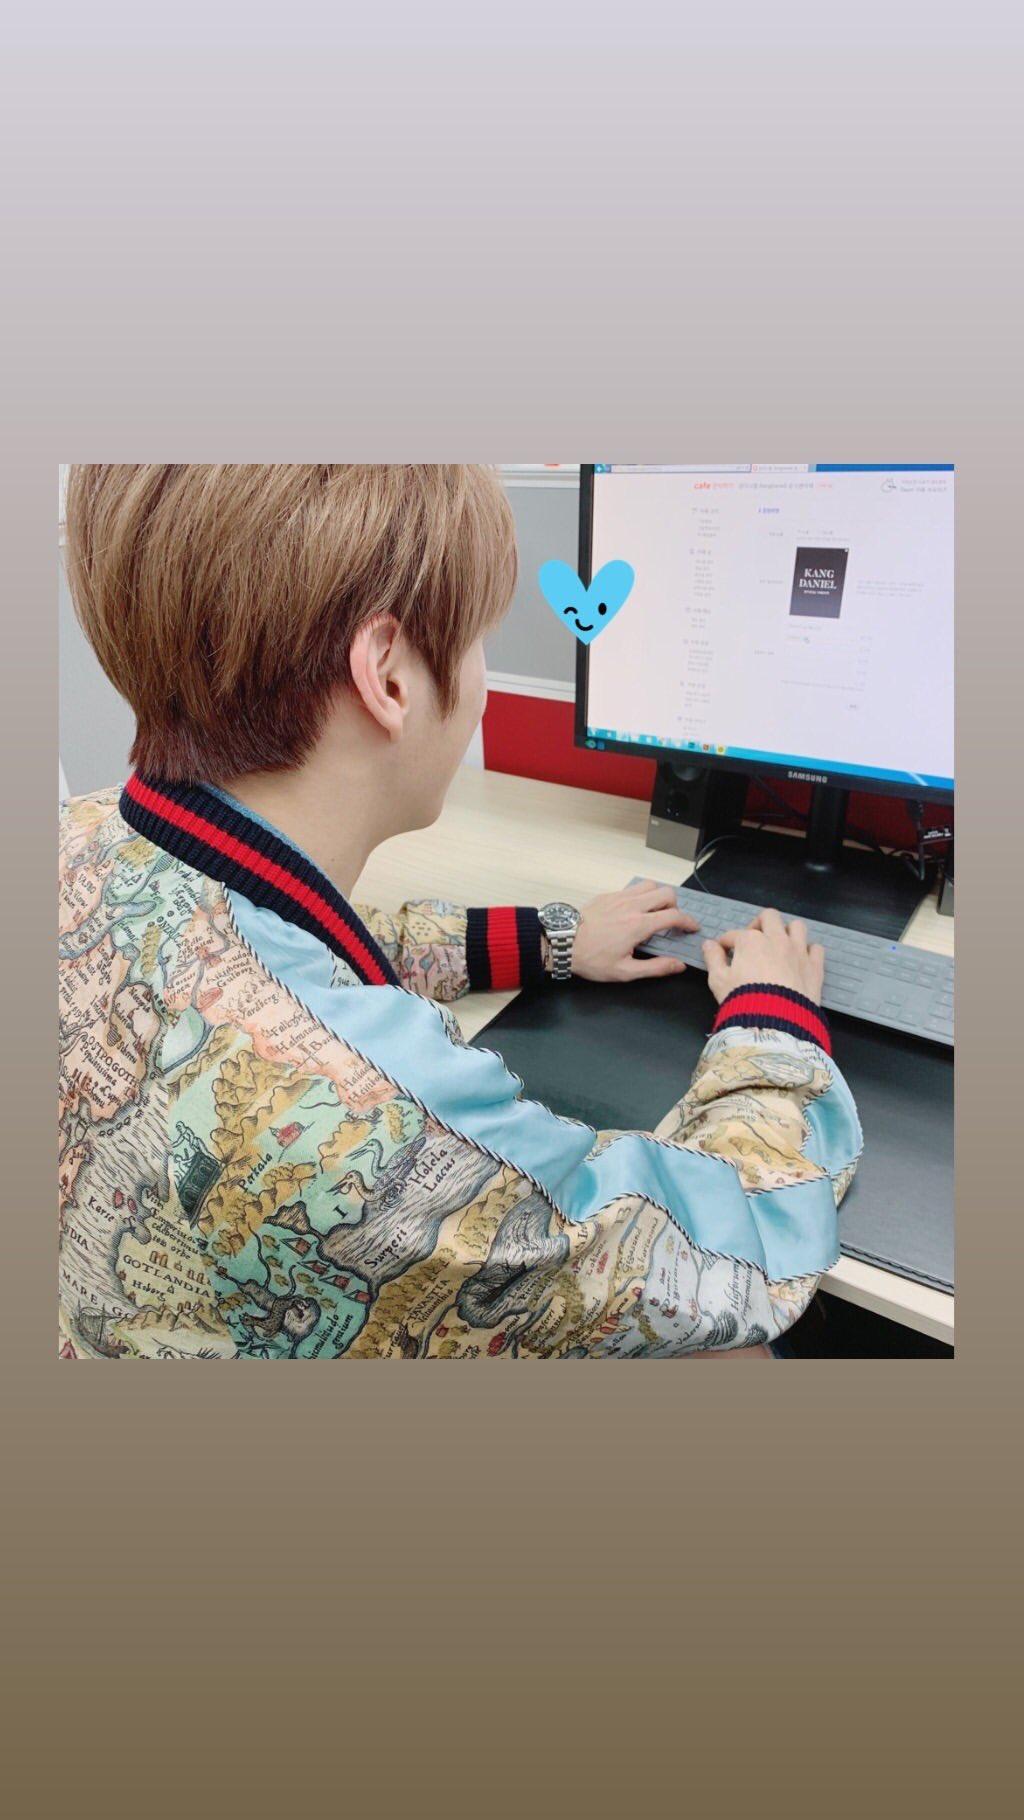 """강다니엘 """"4월에 봐요""""…공식 팬카페 개설에 이어 역대급 솔로 데뷔 예고"""